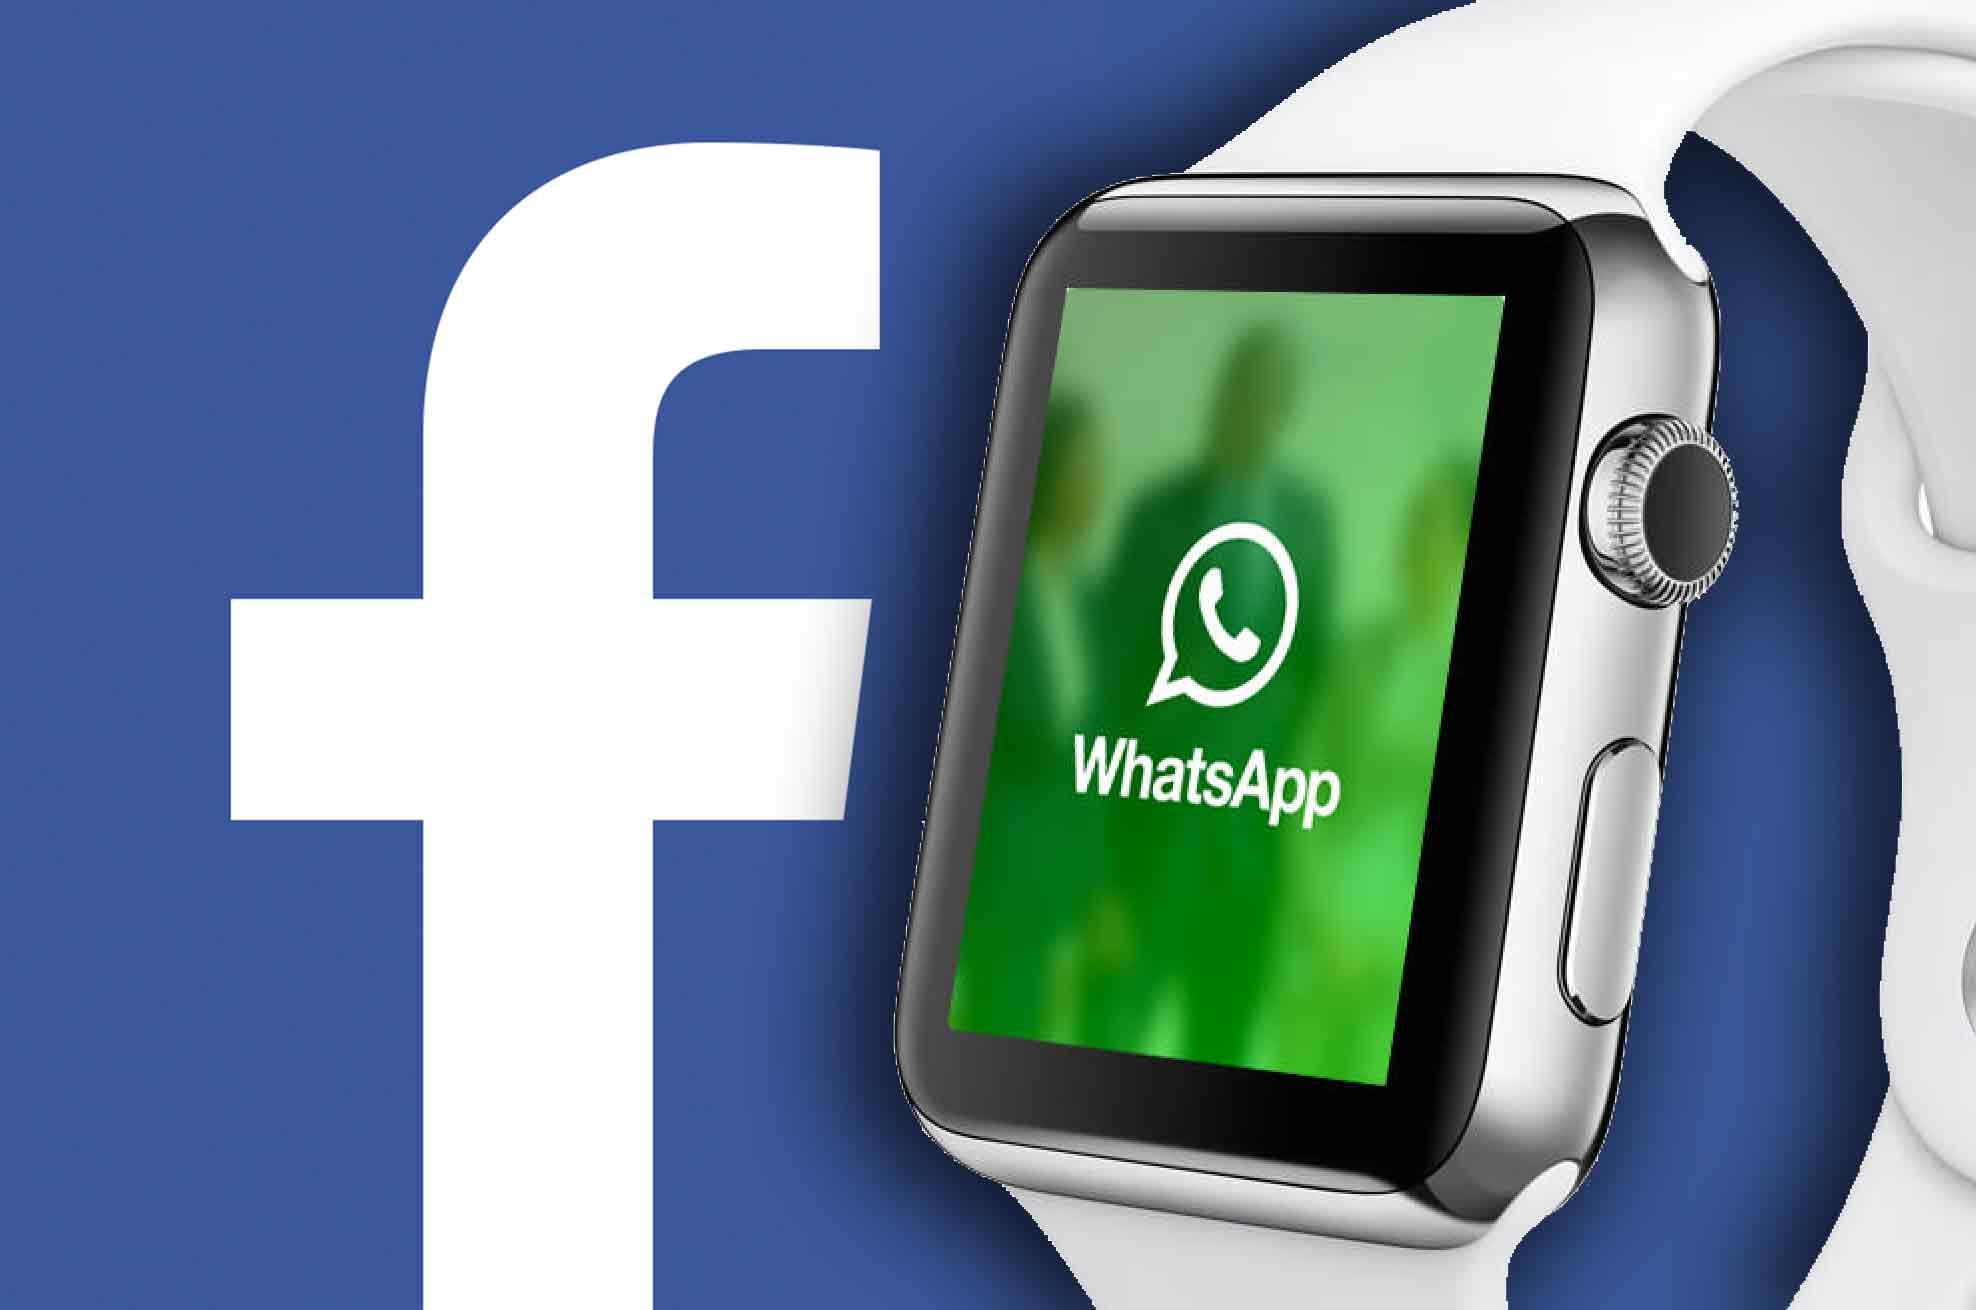 Wir warten: Facebook (Messenger) & WhatsApp Update für Apple Watch! 1